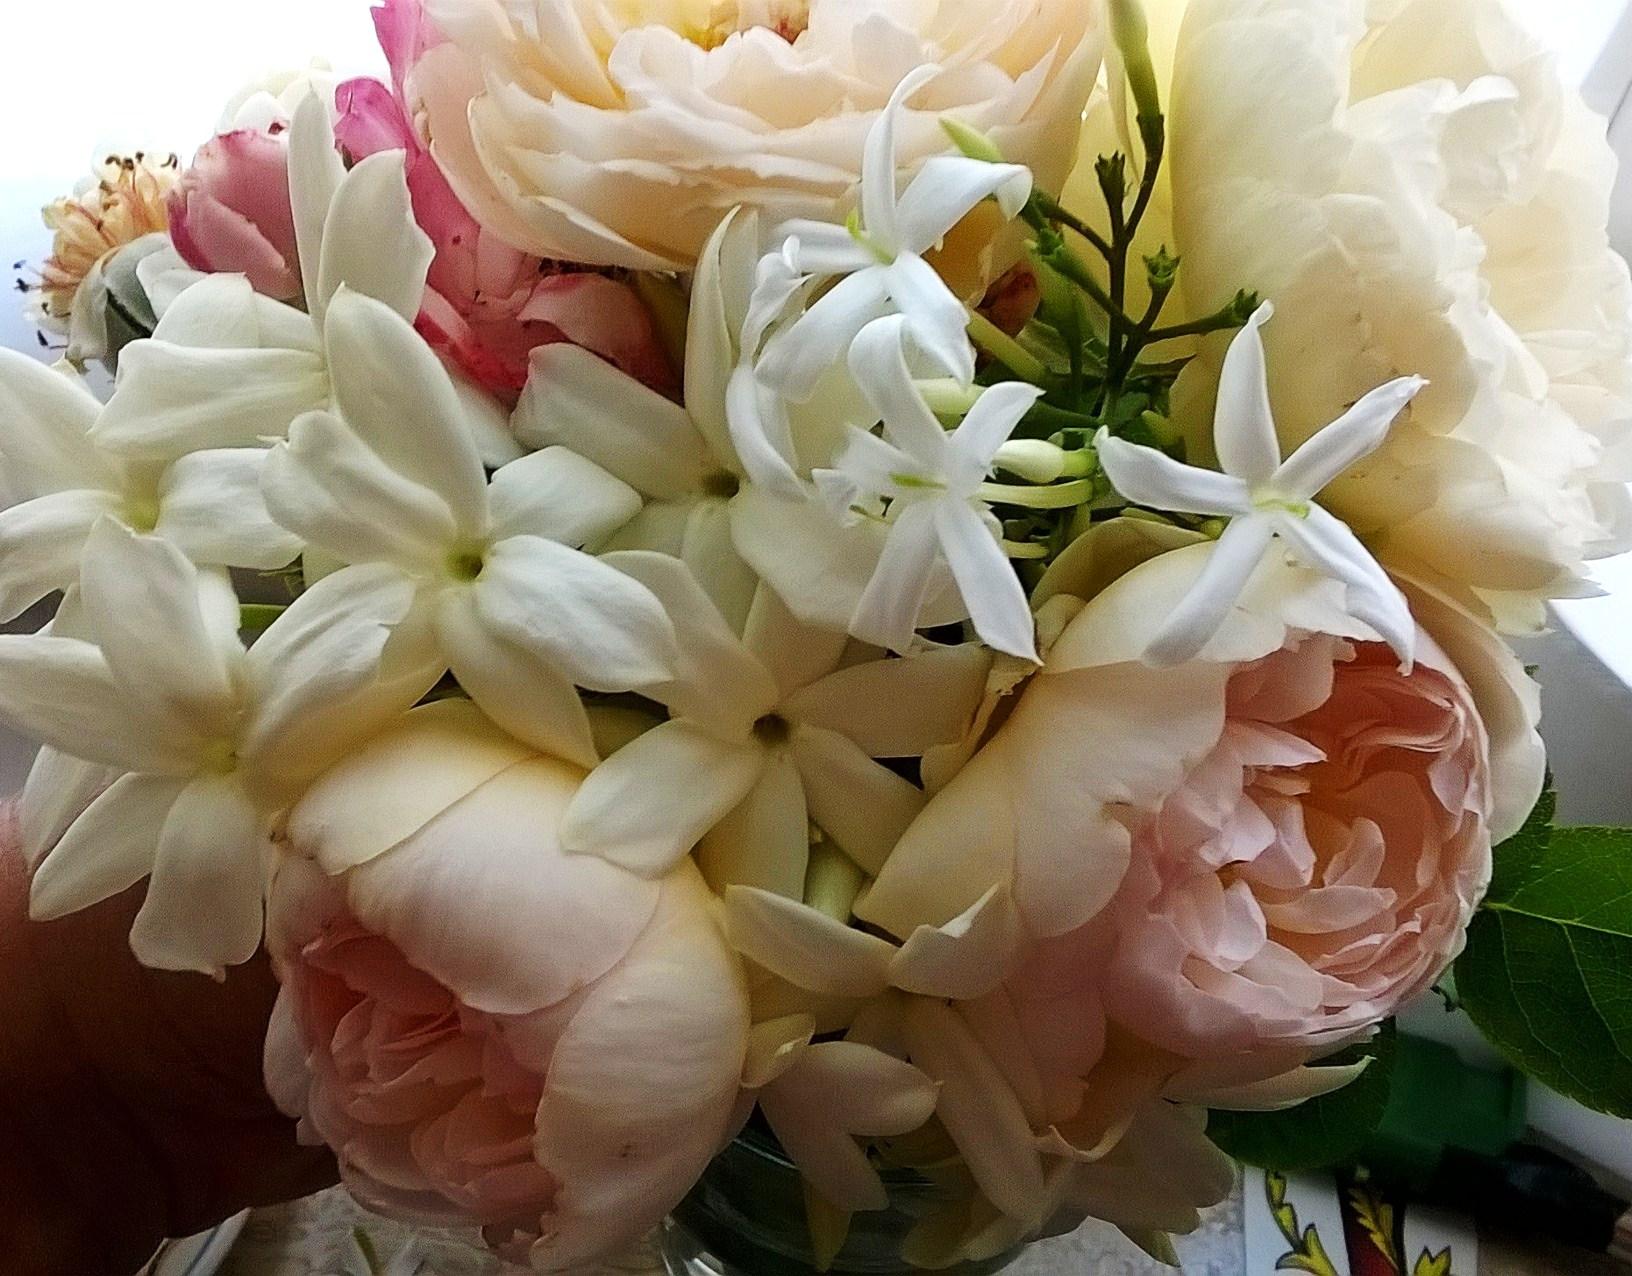 Bouquet Sposa Gelsomino.Re Dei Fiori Arbusto Rampicante Appartenente Alle Oleacee